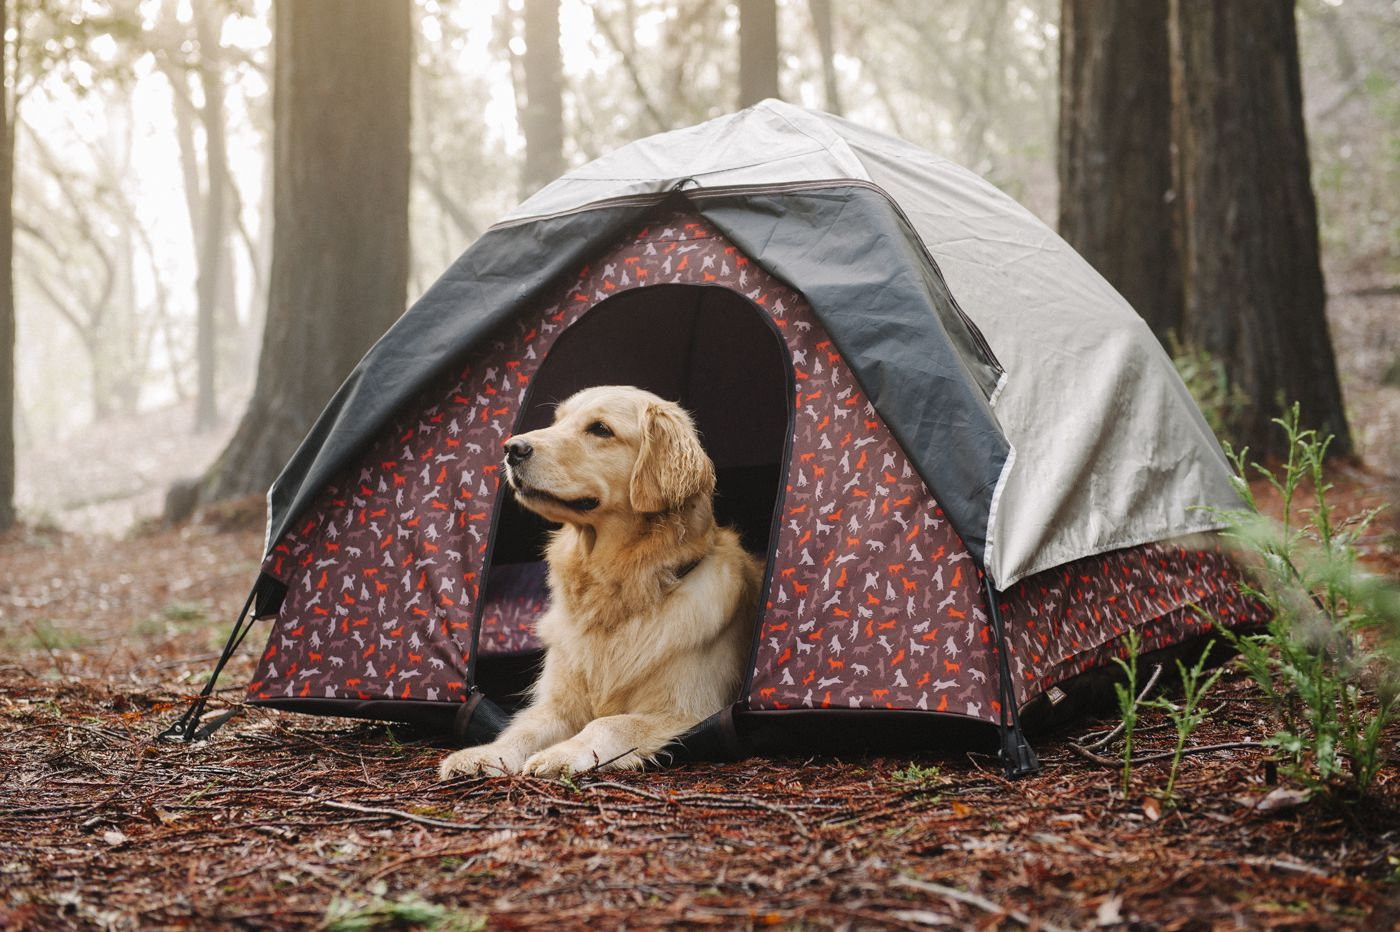 美國 P.L.A.Y. 露營系列 寵物專用帳篷 摩卡棕